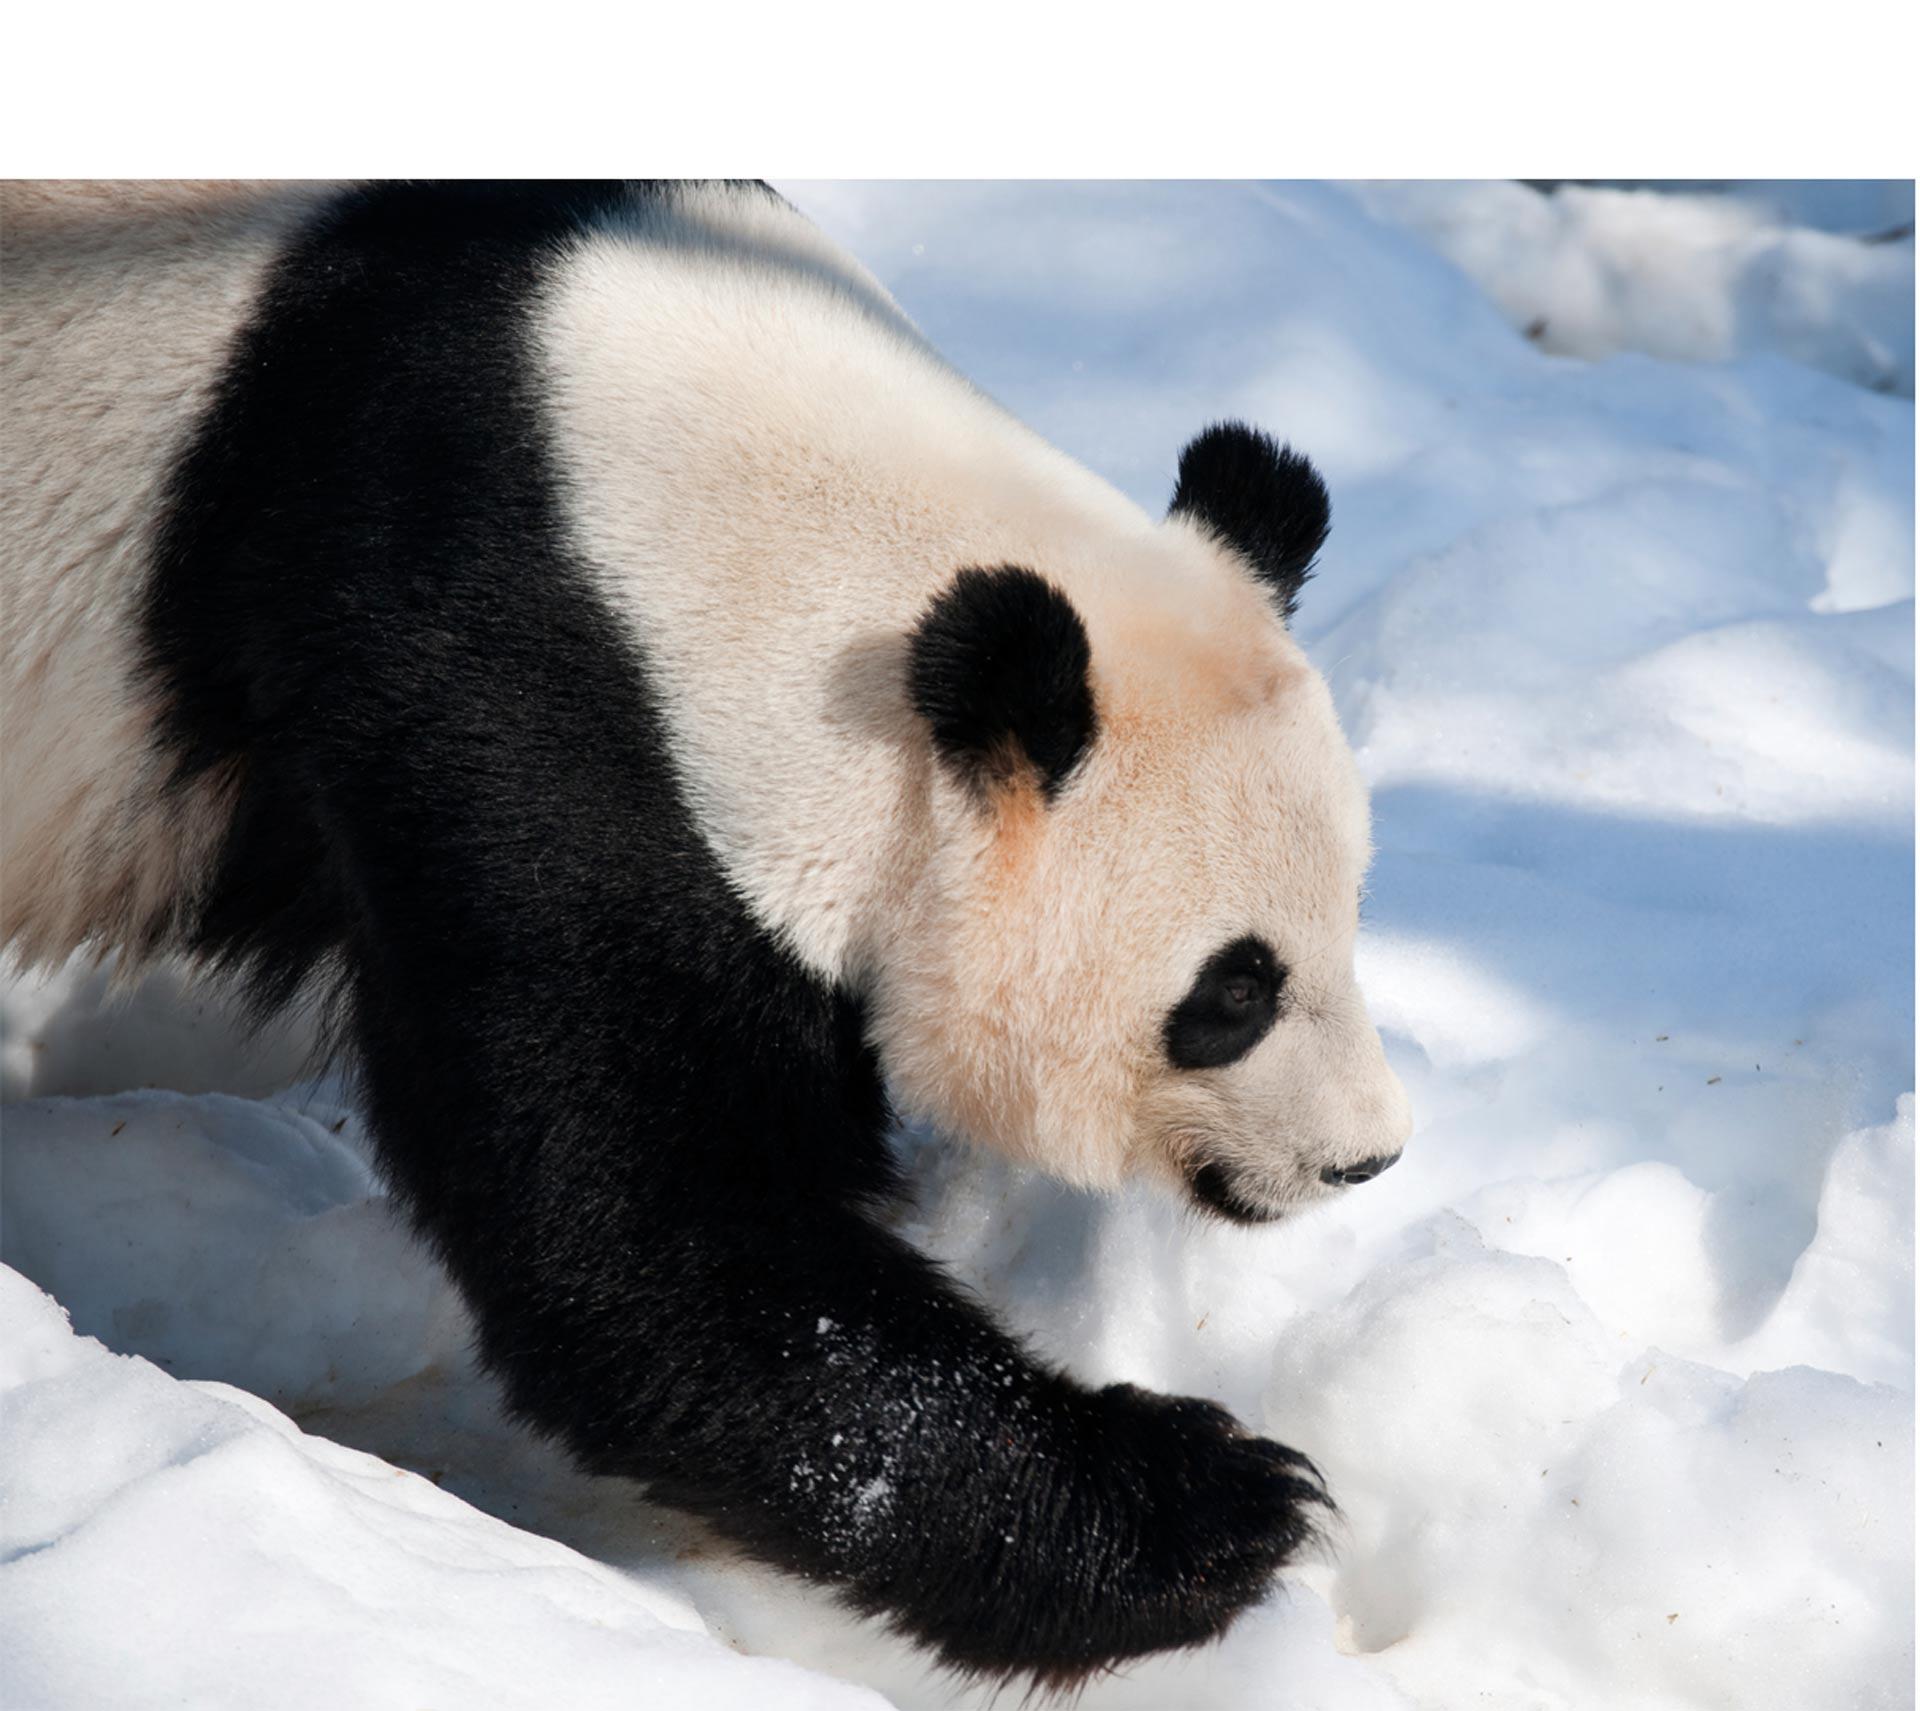 Este panda tiene la clave para pasarla bien durante los peores días del invierno. Si estás en una localidad muy fría, puedes aprender de él